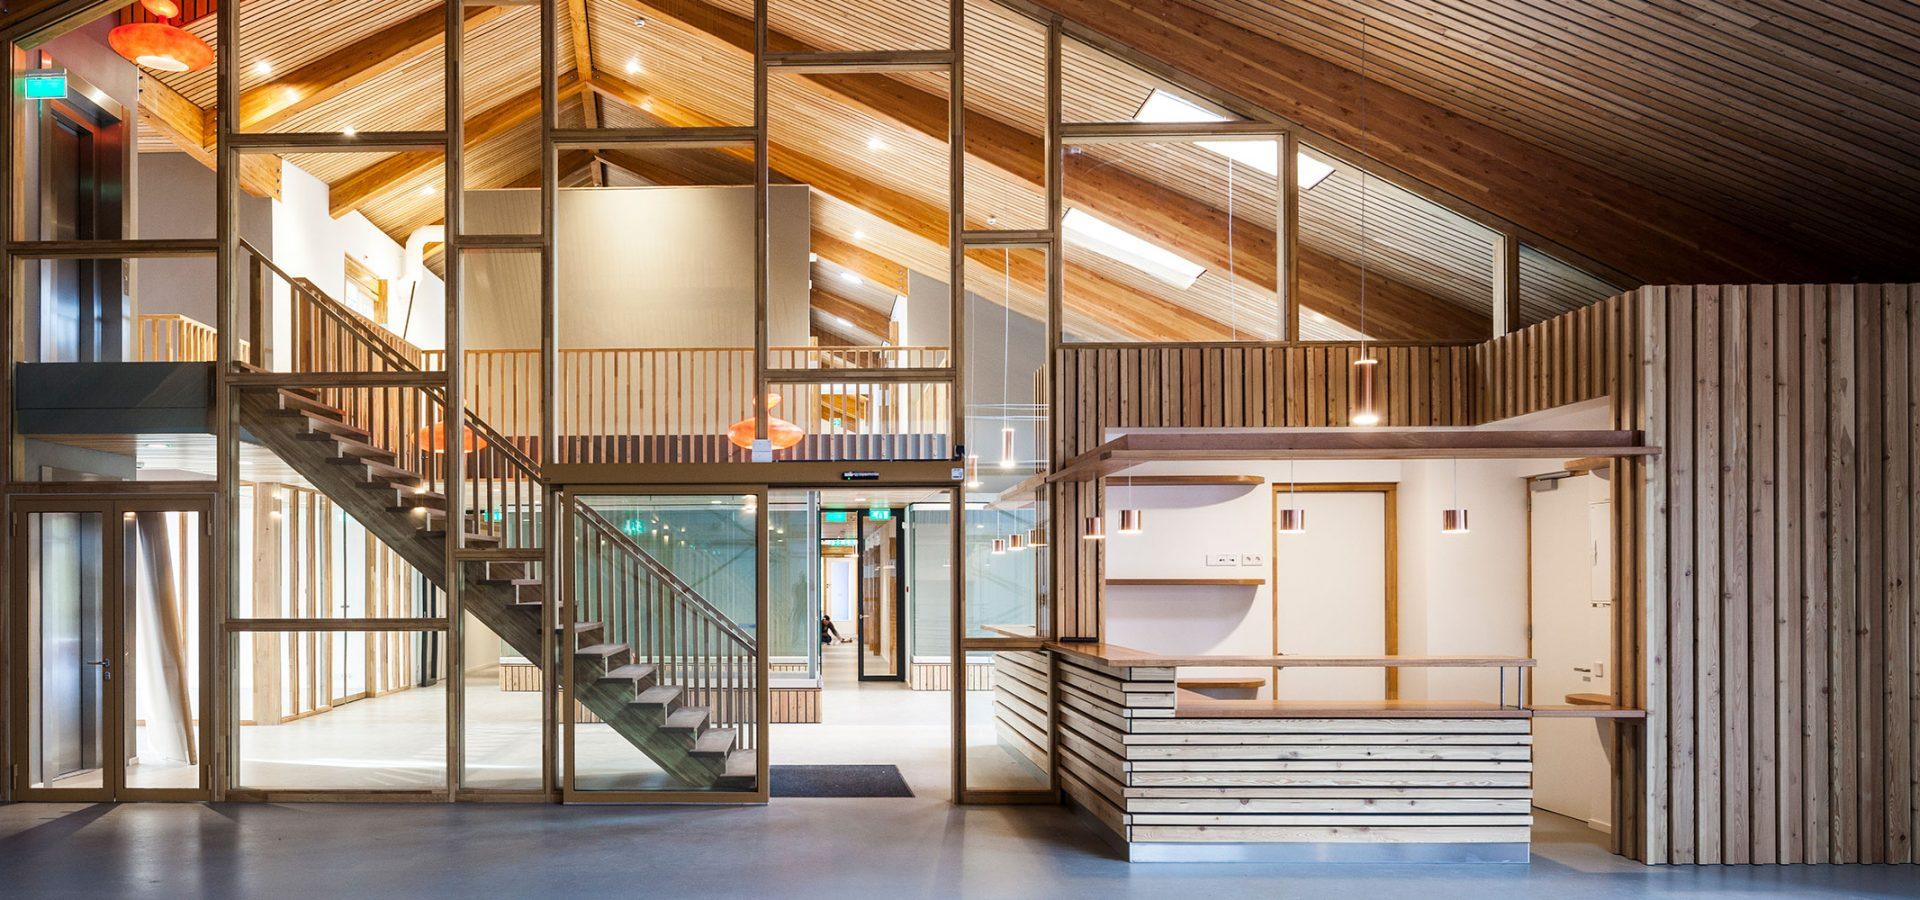 FARO architecten Dorpshuis Badhoevedorp